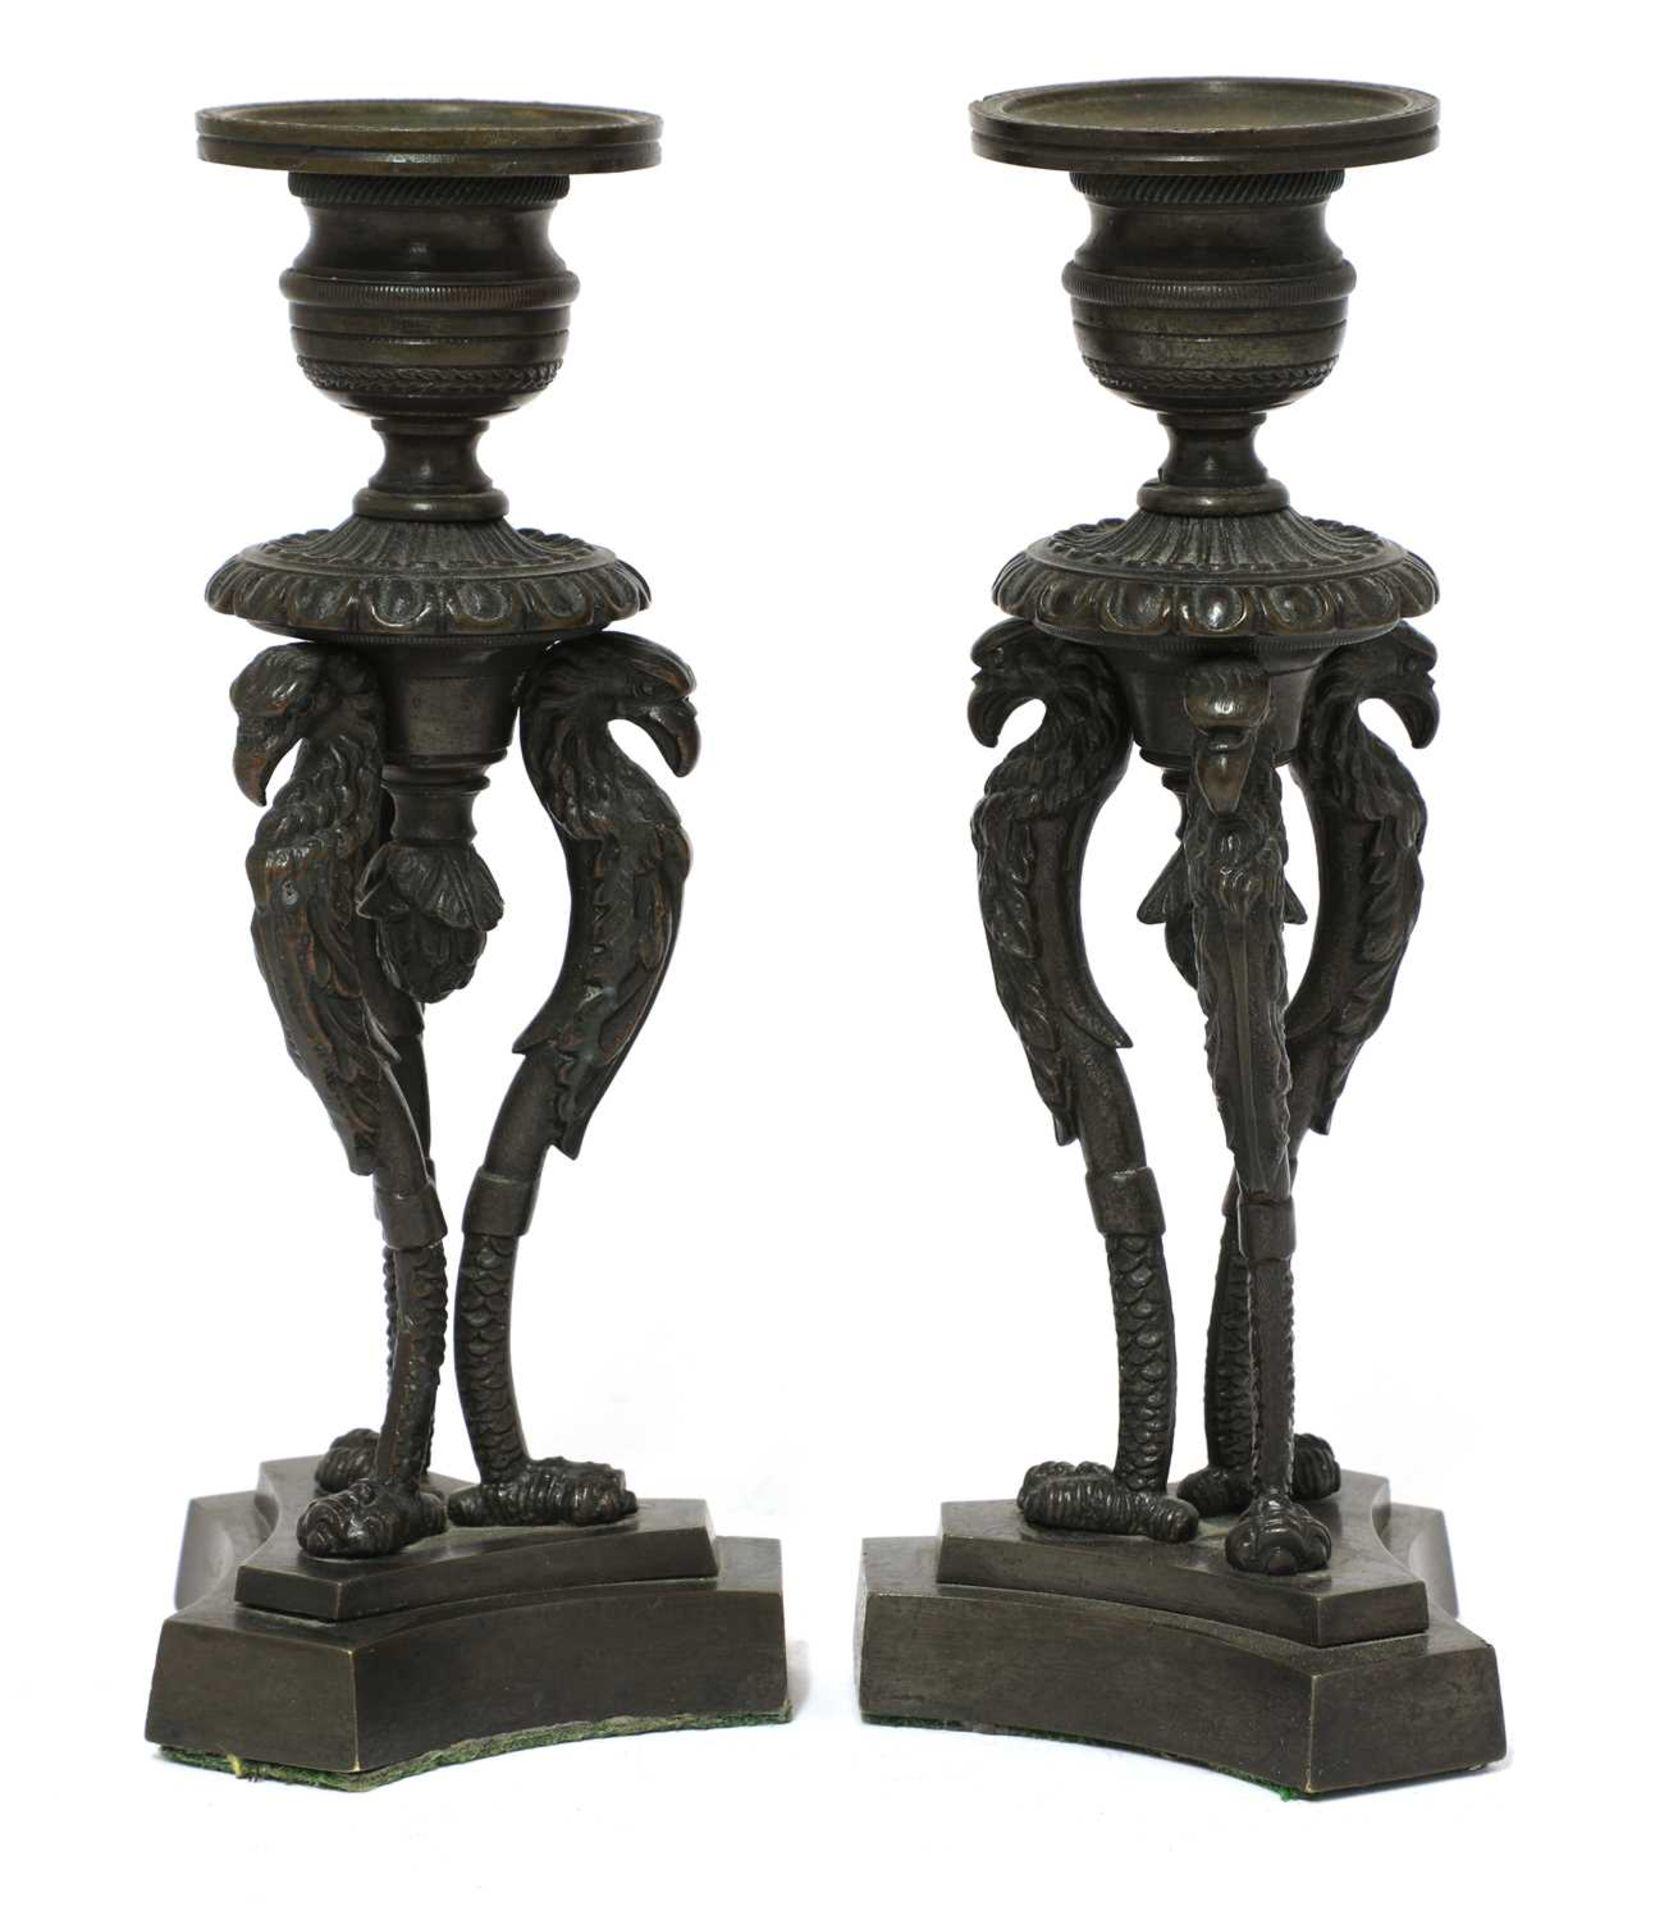 A pair of bronze candlesticks,